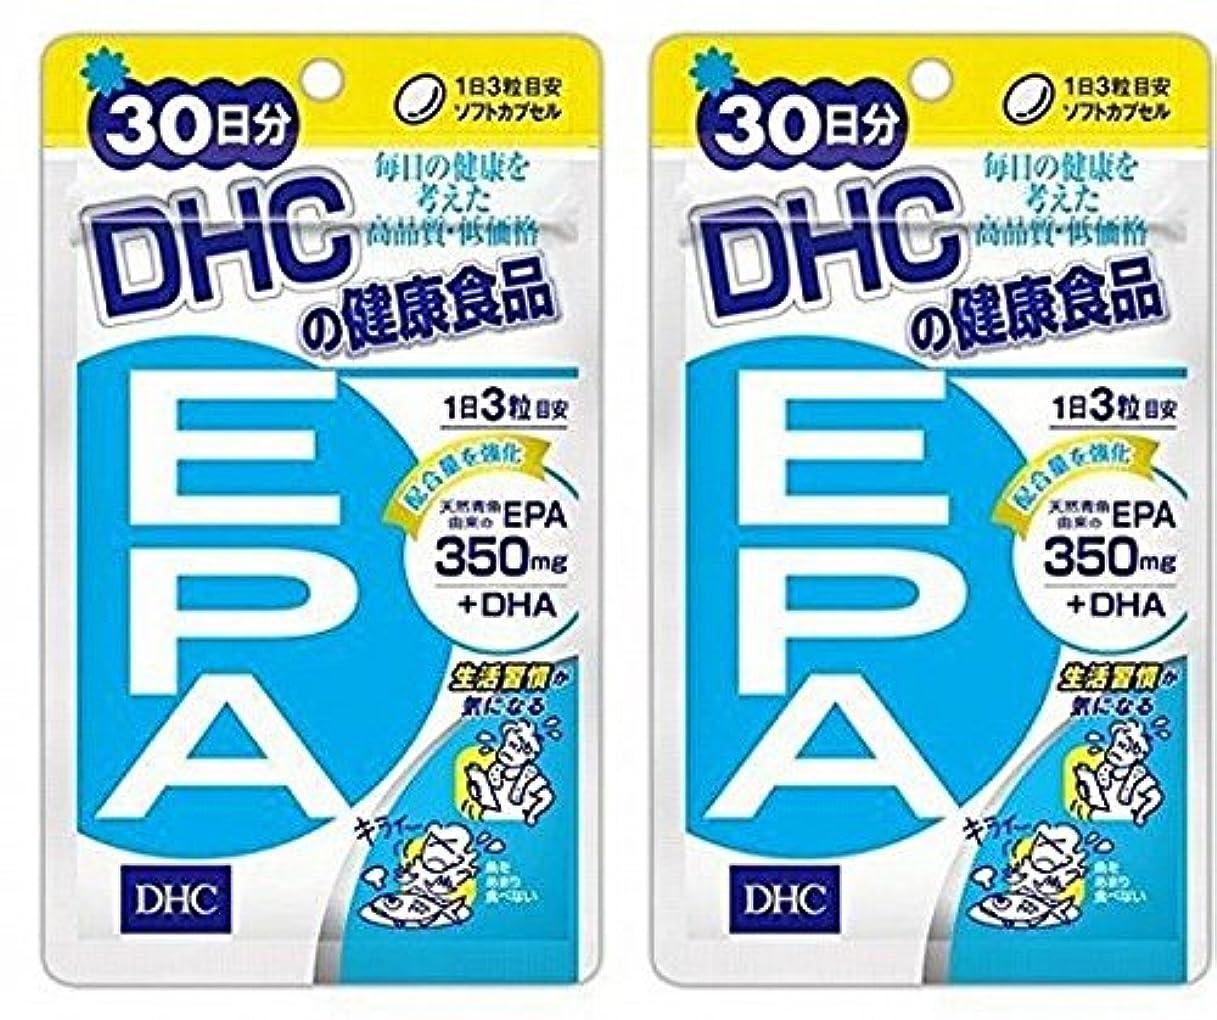 交差点お母さん汚染するDHC EPA 30日分 2袋セット